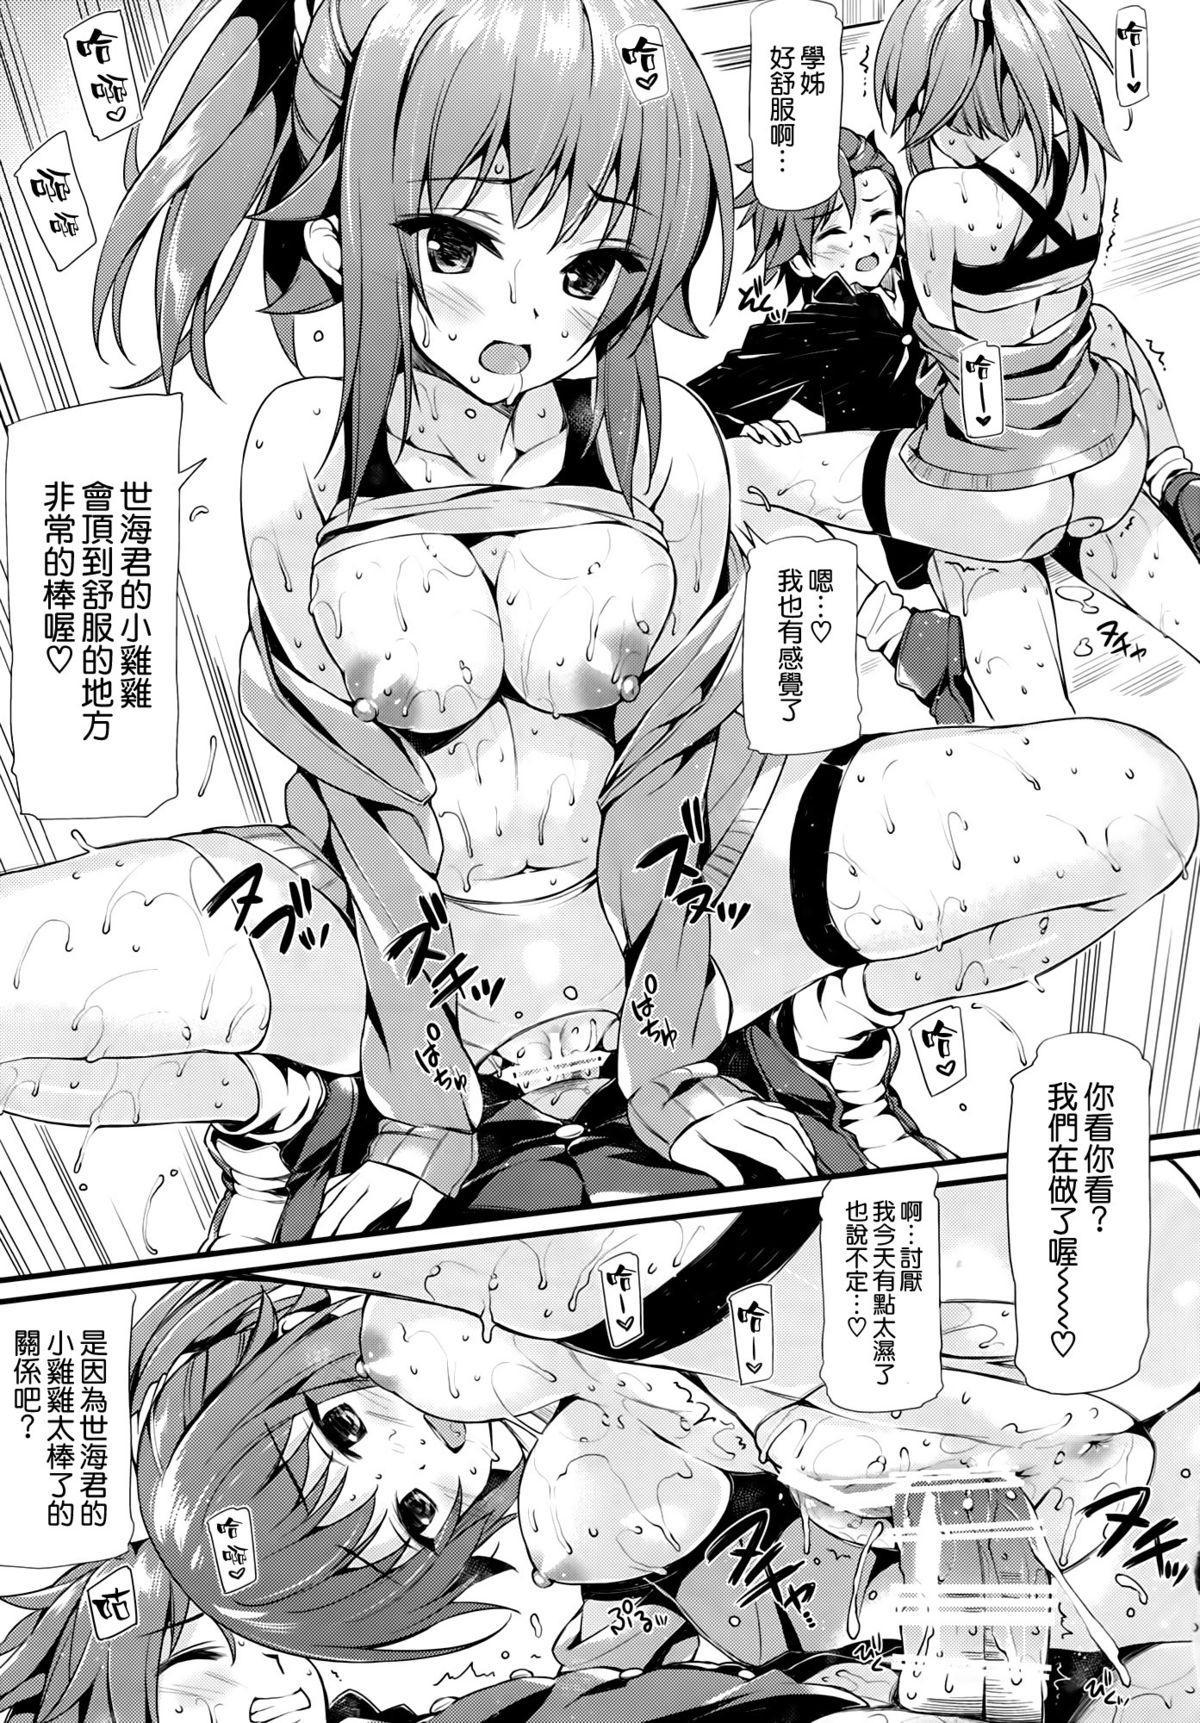 Watashi ni Makasete? Sekai-kun 16